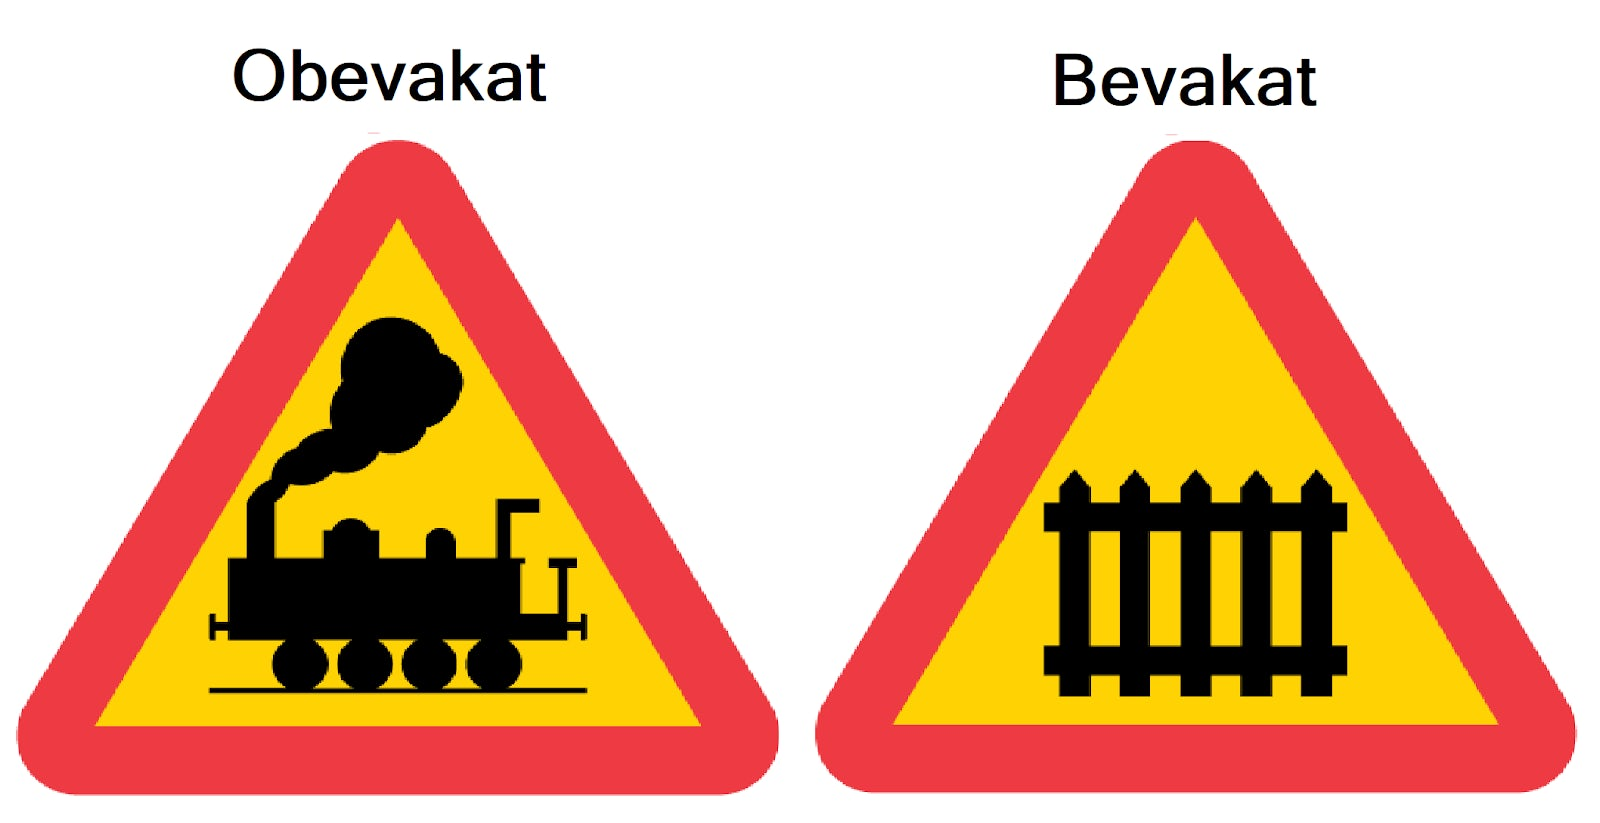 Tre avståndsmärken järnvägskorsning